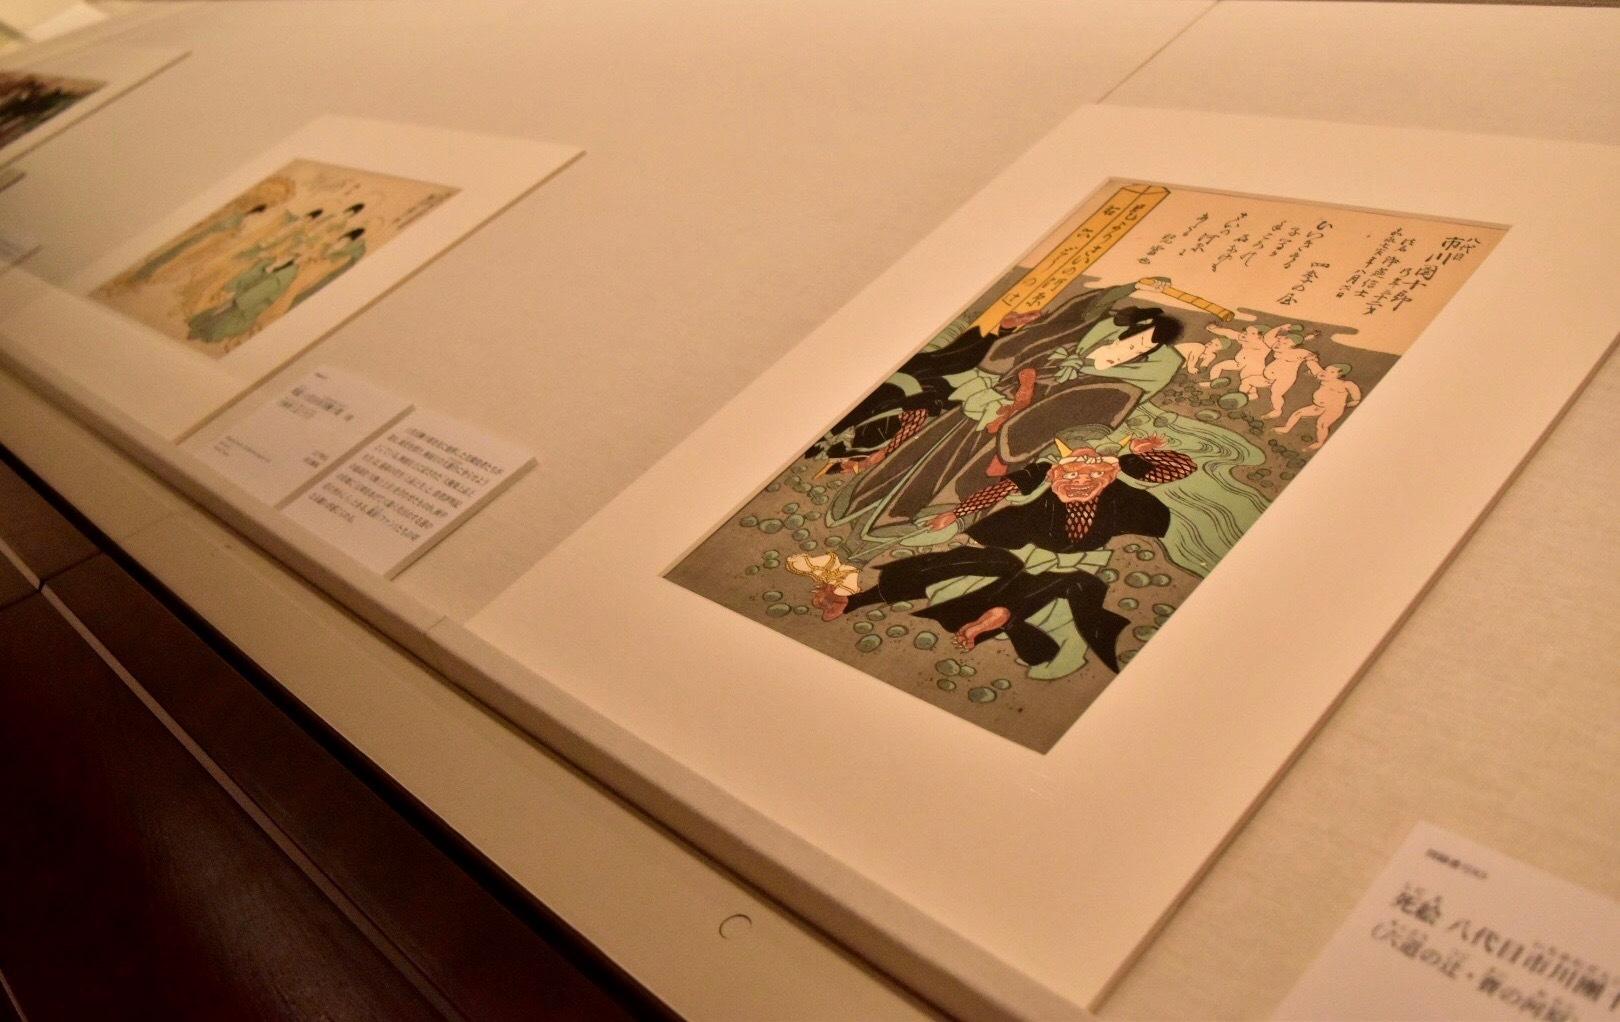 死絵「八代目市川團十郎(六道の辻、賽の河原)」 江戸時代 国立劇場